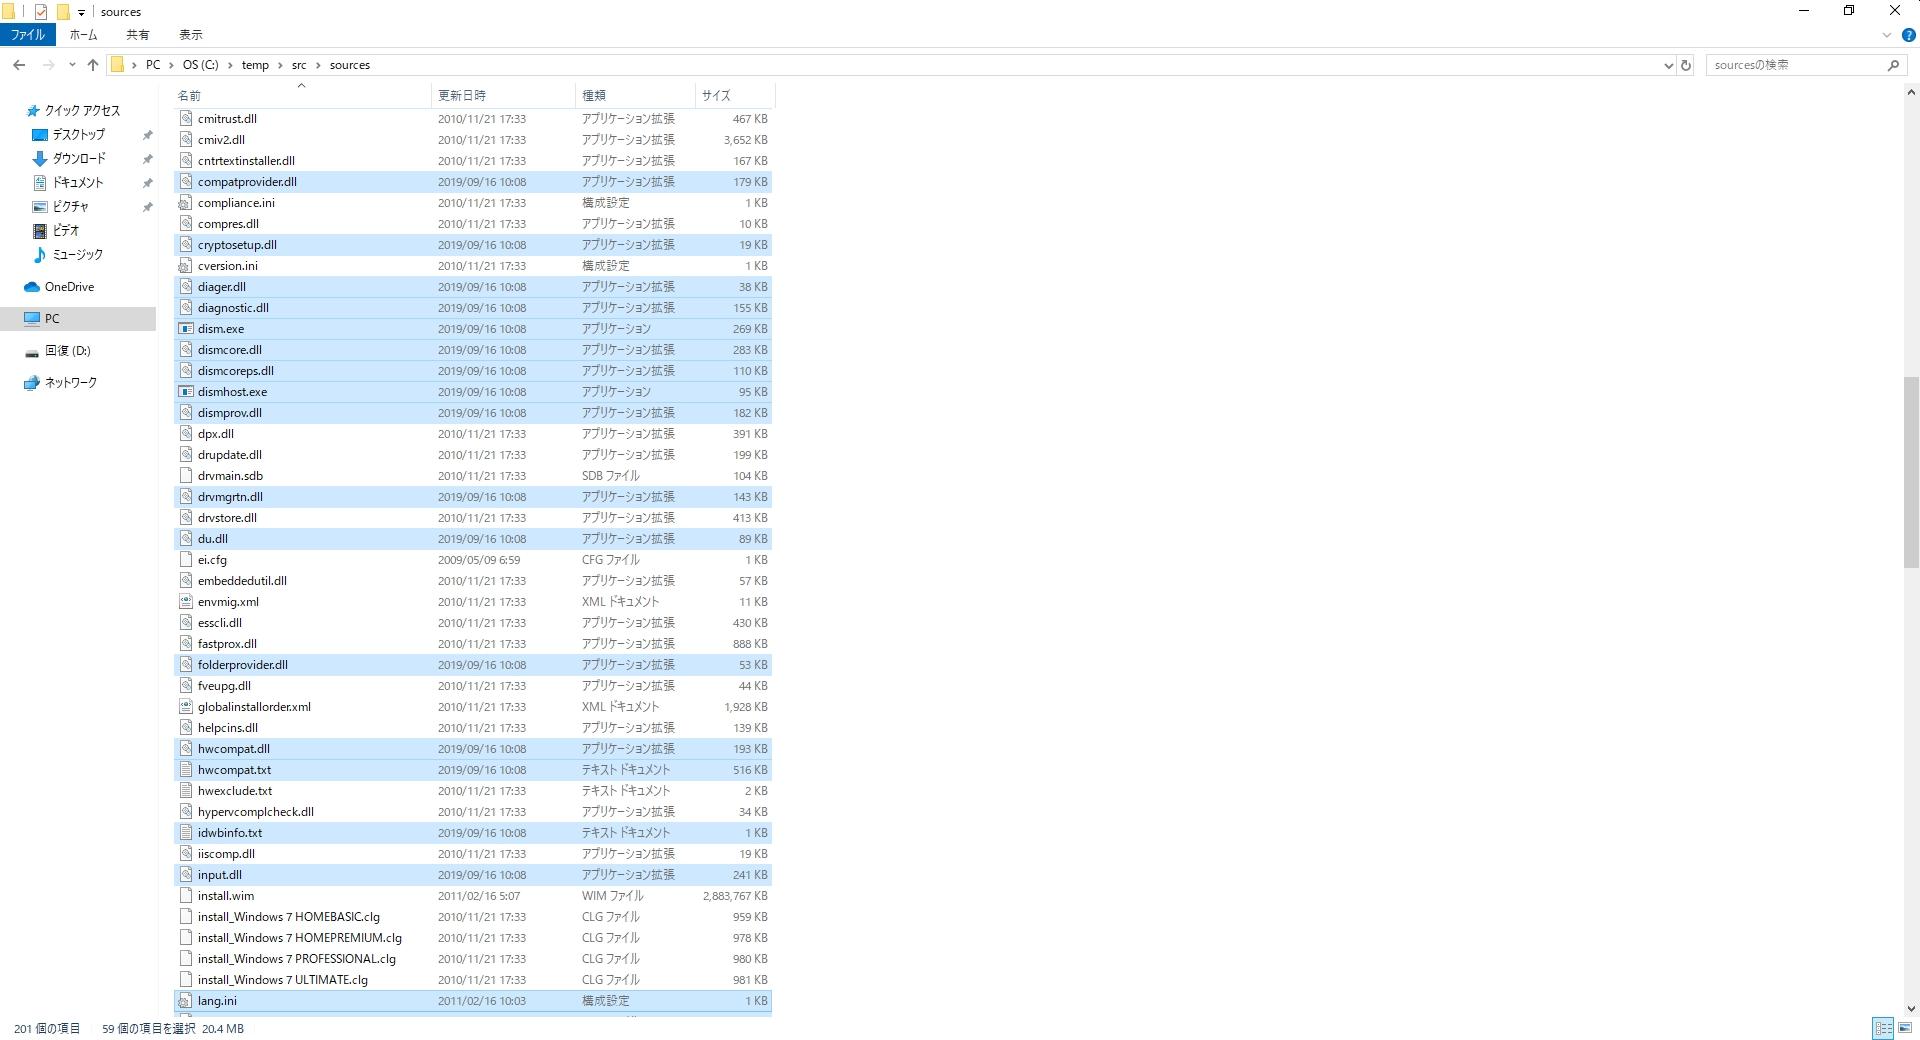 第6世代CPU(Skylake)搭載のPCにWindows7をインストール sourcesフォルダ